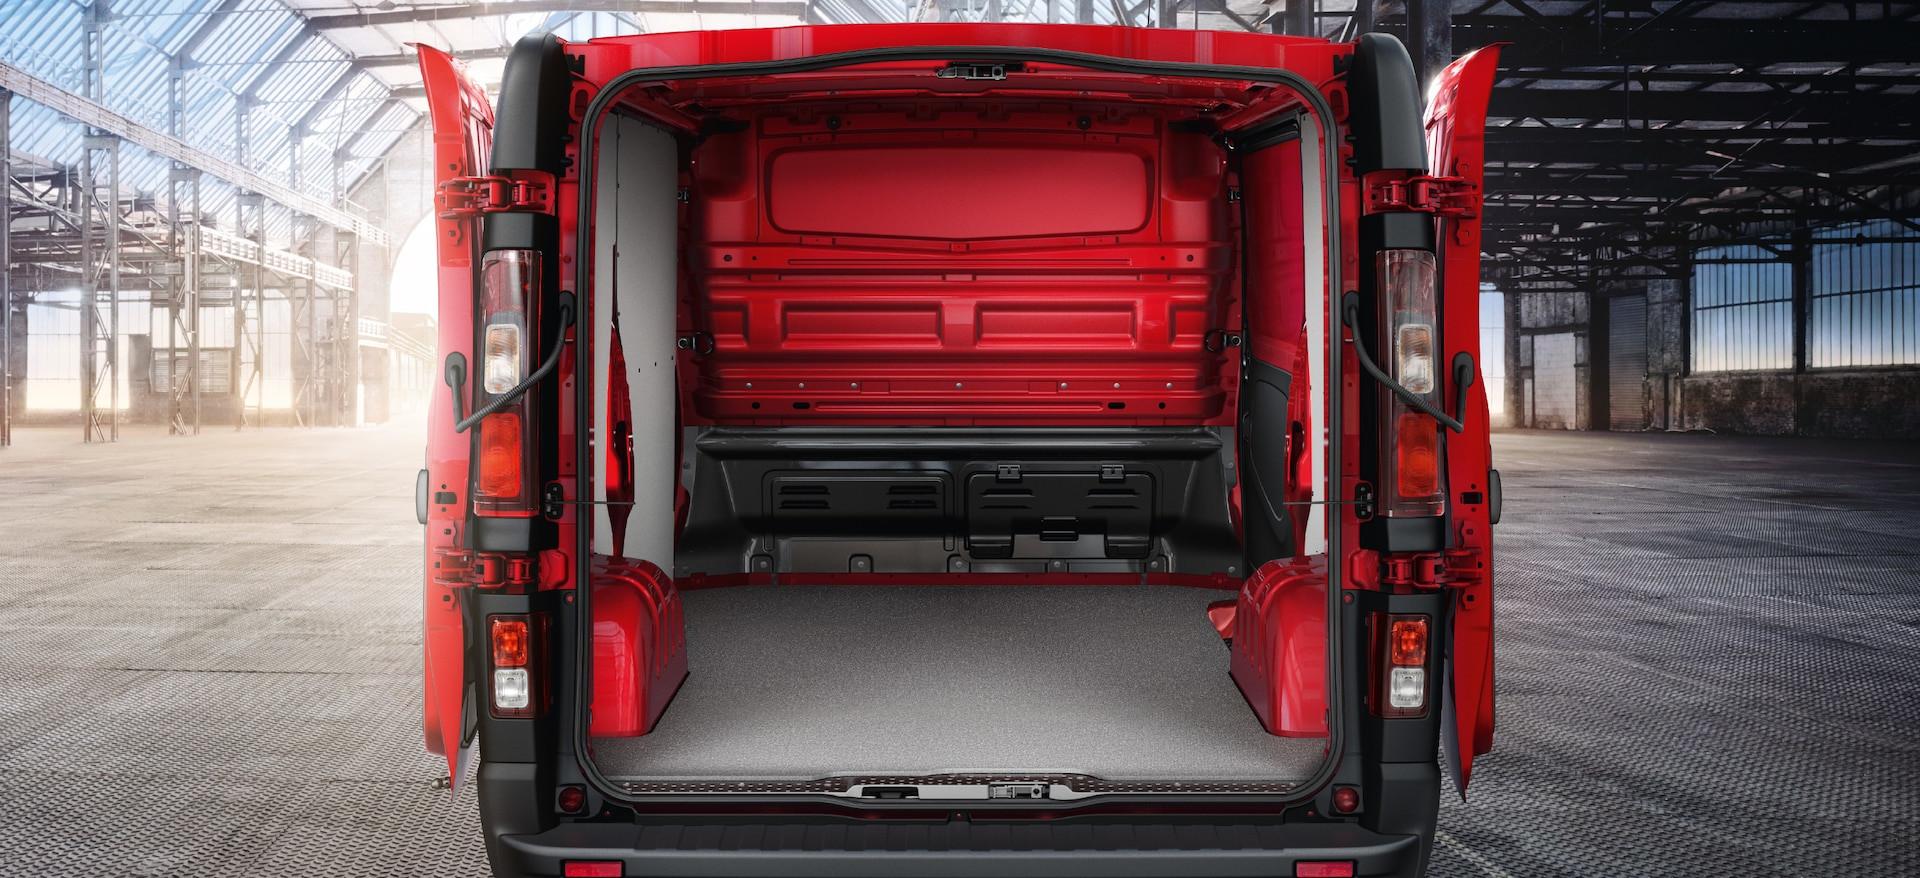 Opel_Vivaro_21x9_vi16_e02_705.jpg